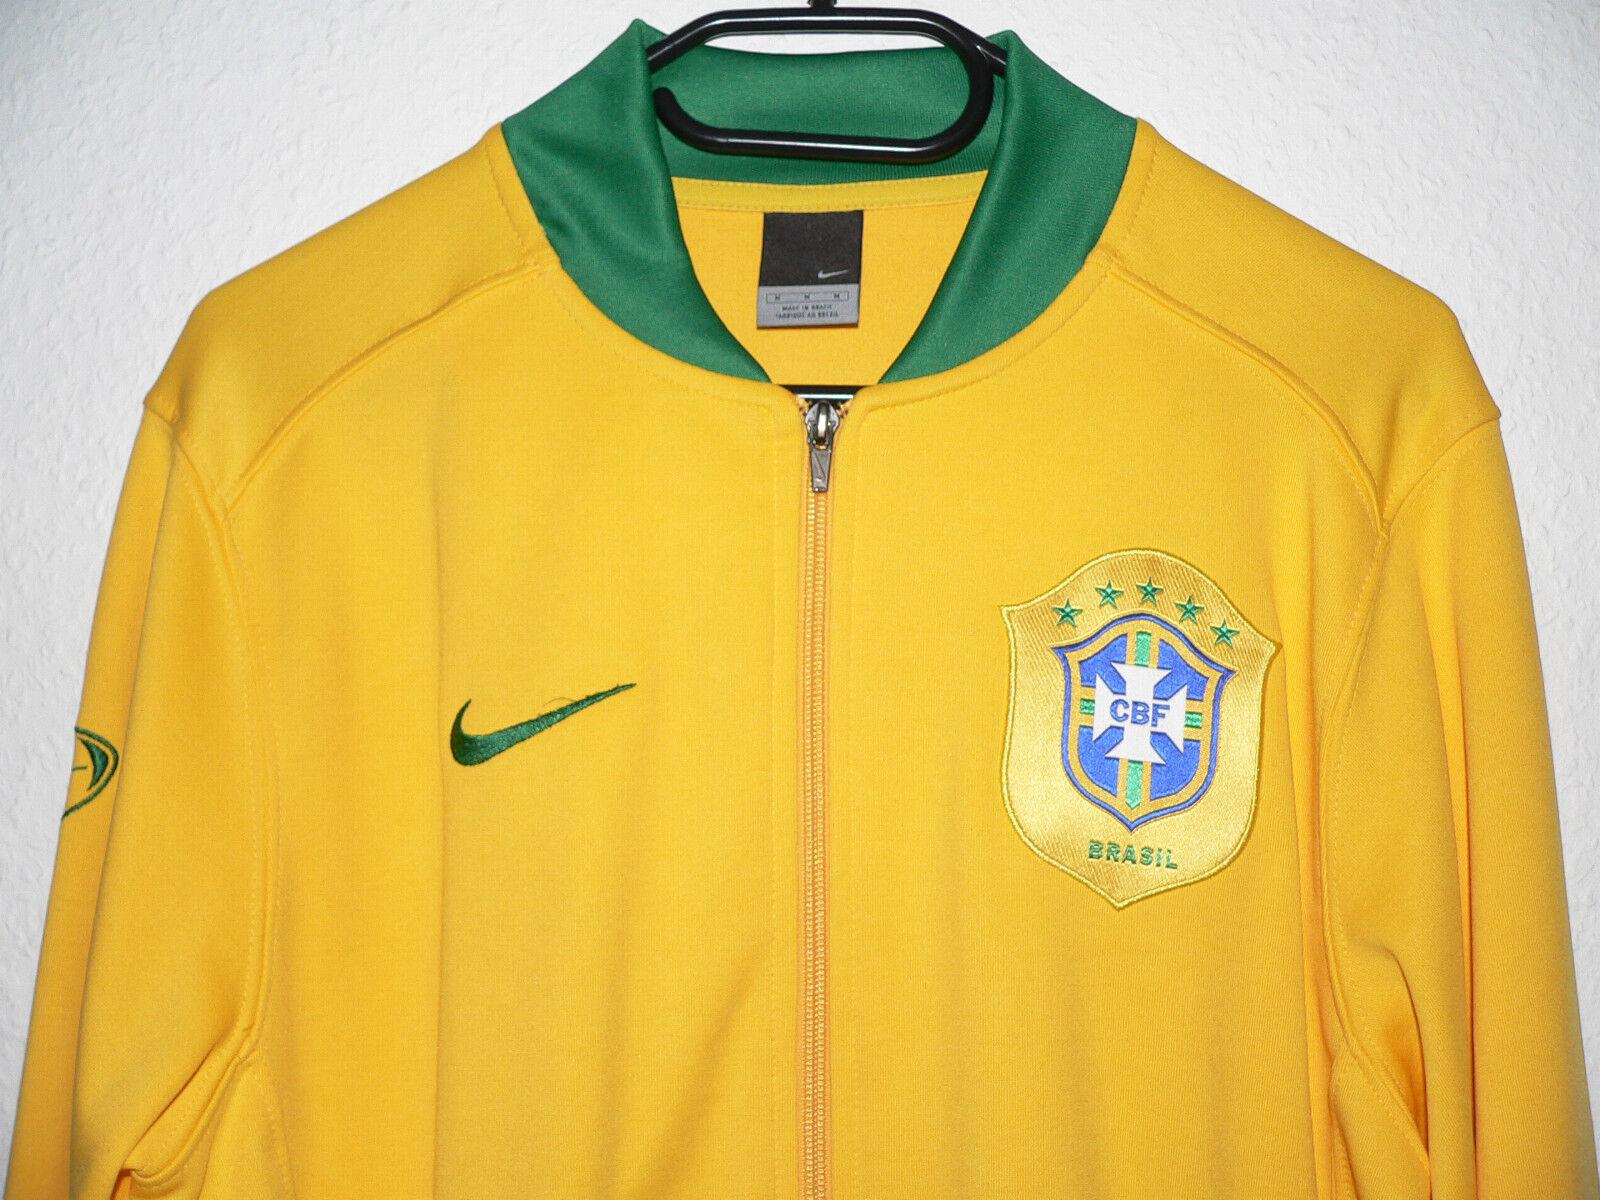 Nike Sweatshirt Jacke Jacket Blouson CBF Brasilien Brasil Brazil Brazil Brazil Trikot maillot c0f89e